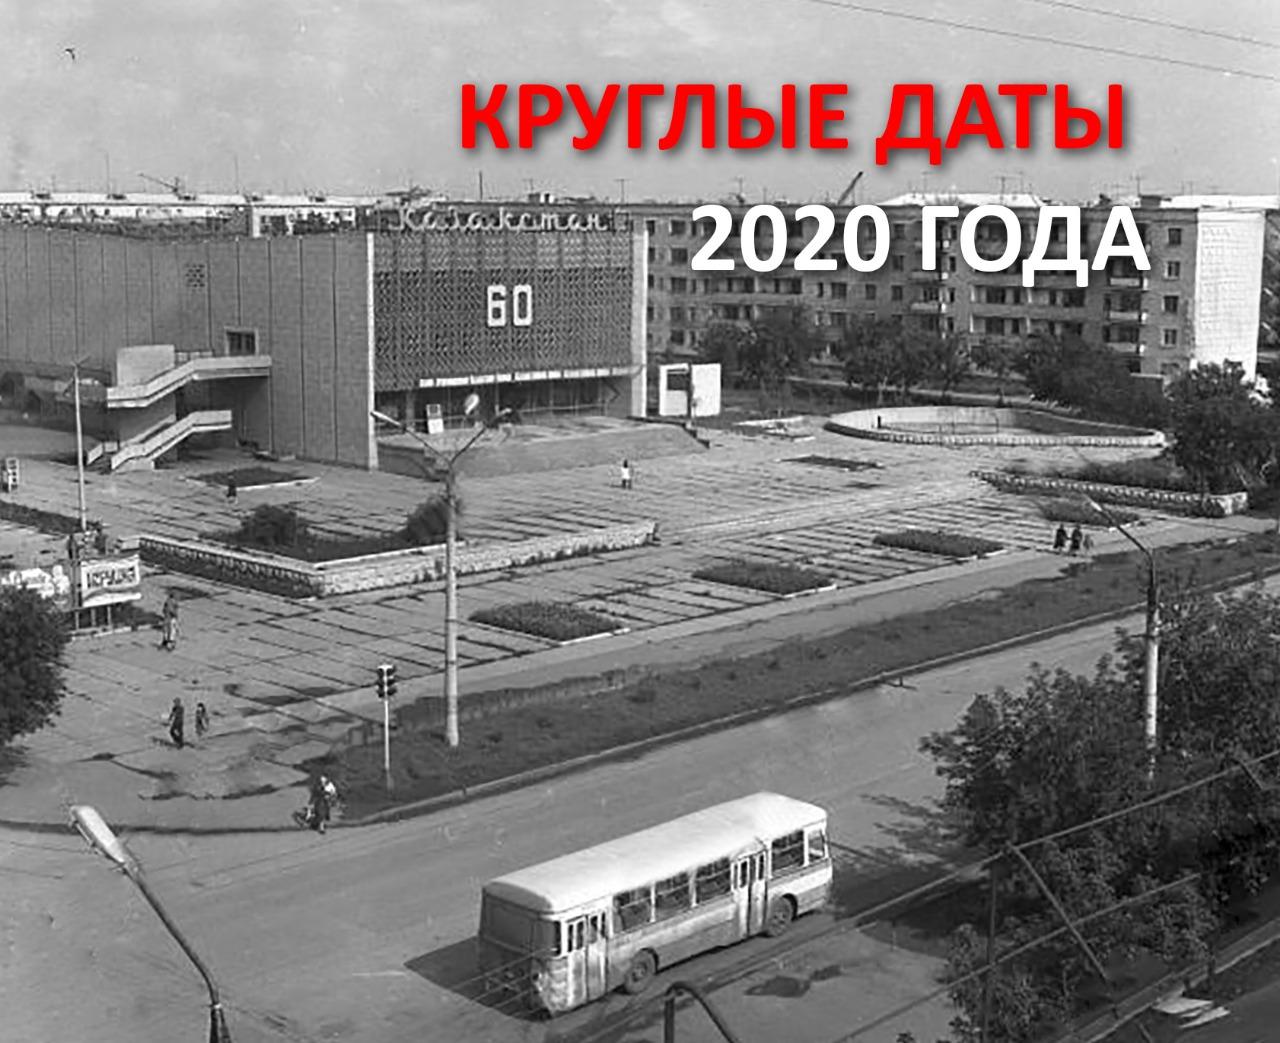 Все юбилейные даты 2020 года в Петропавловске